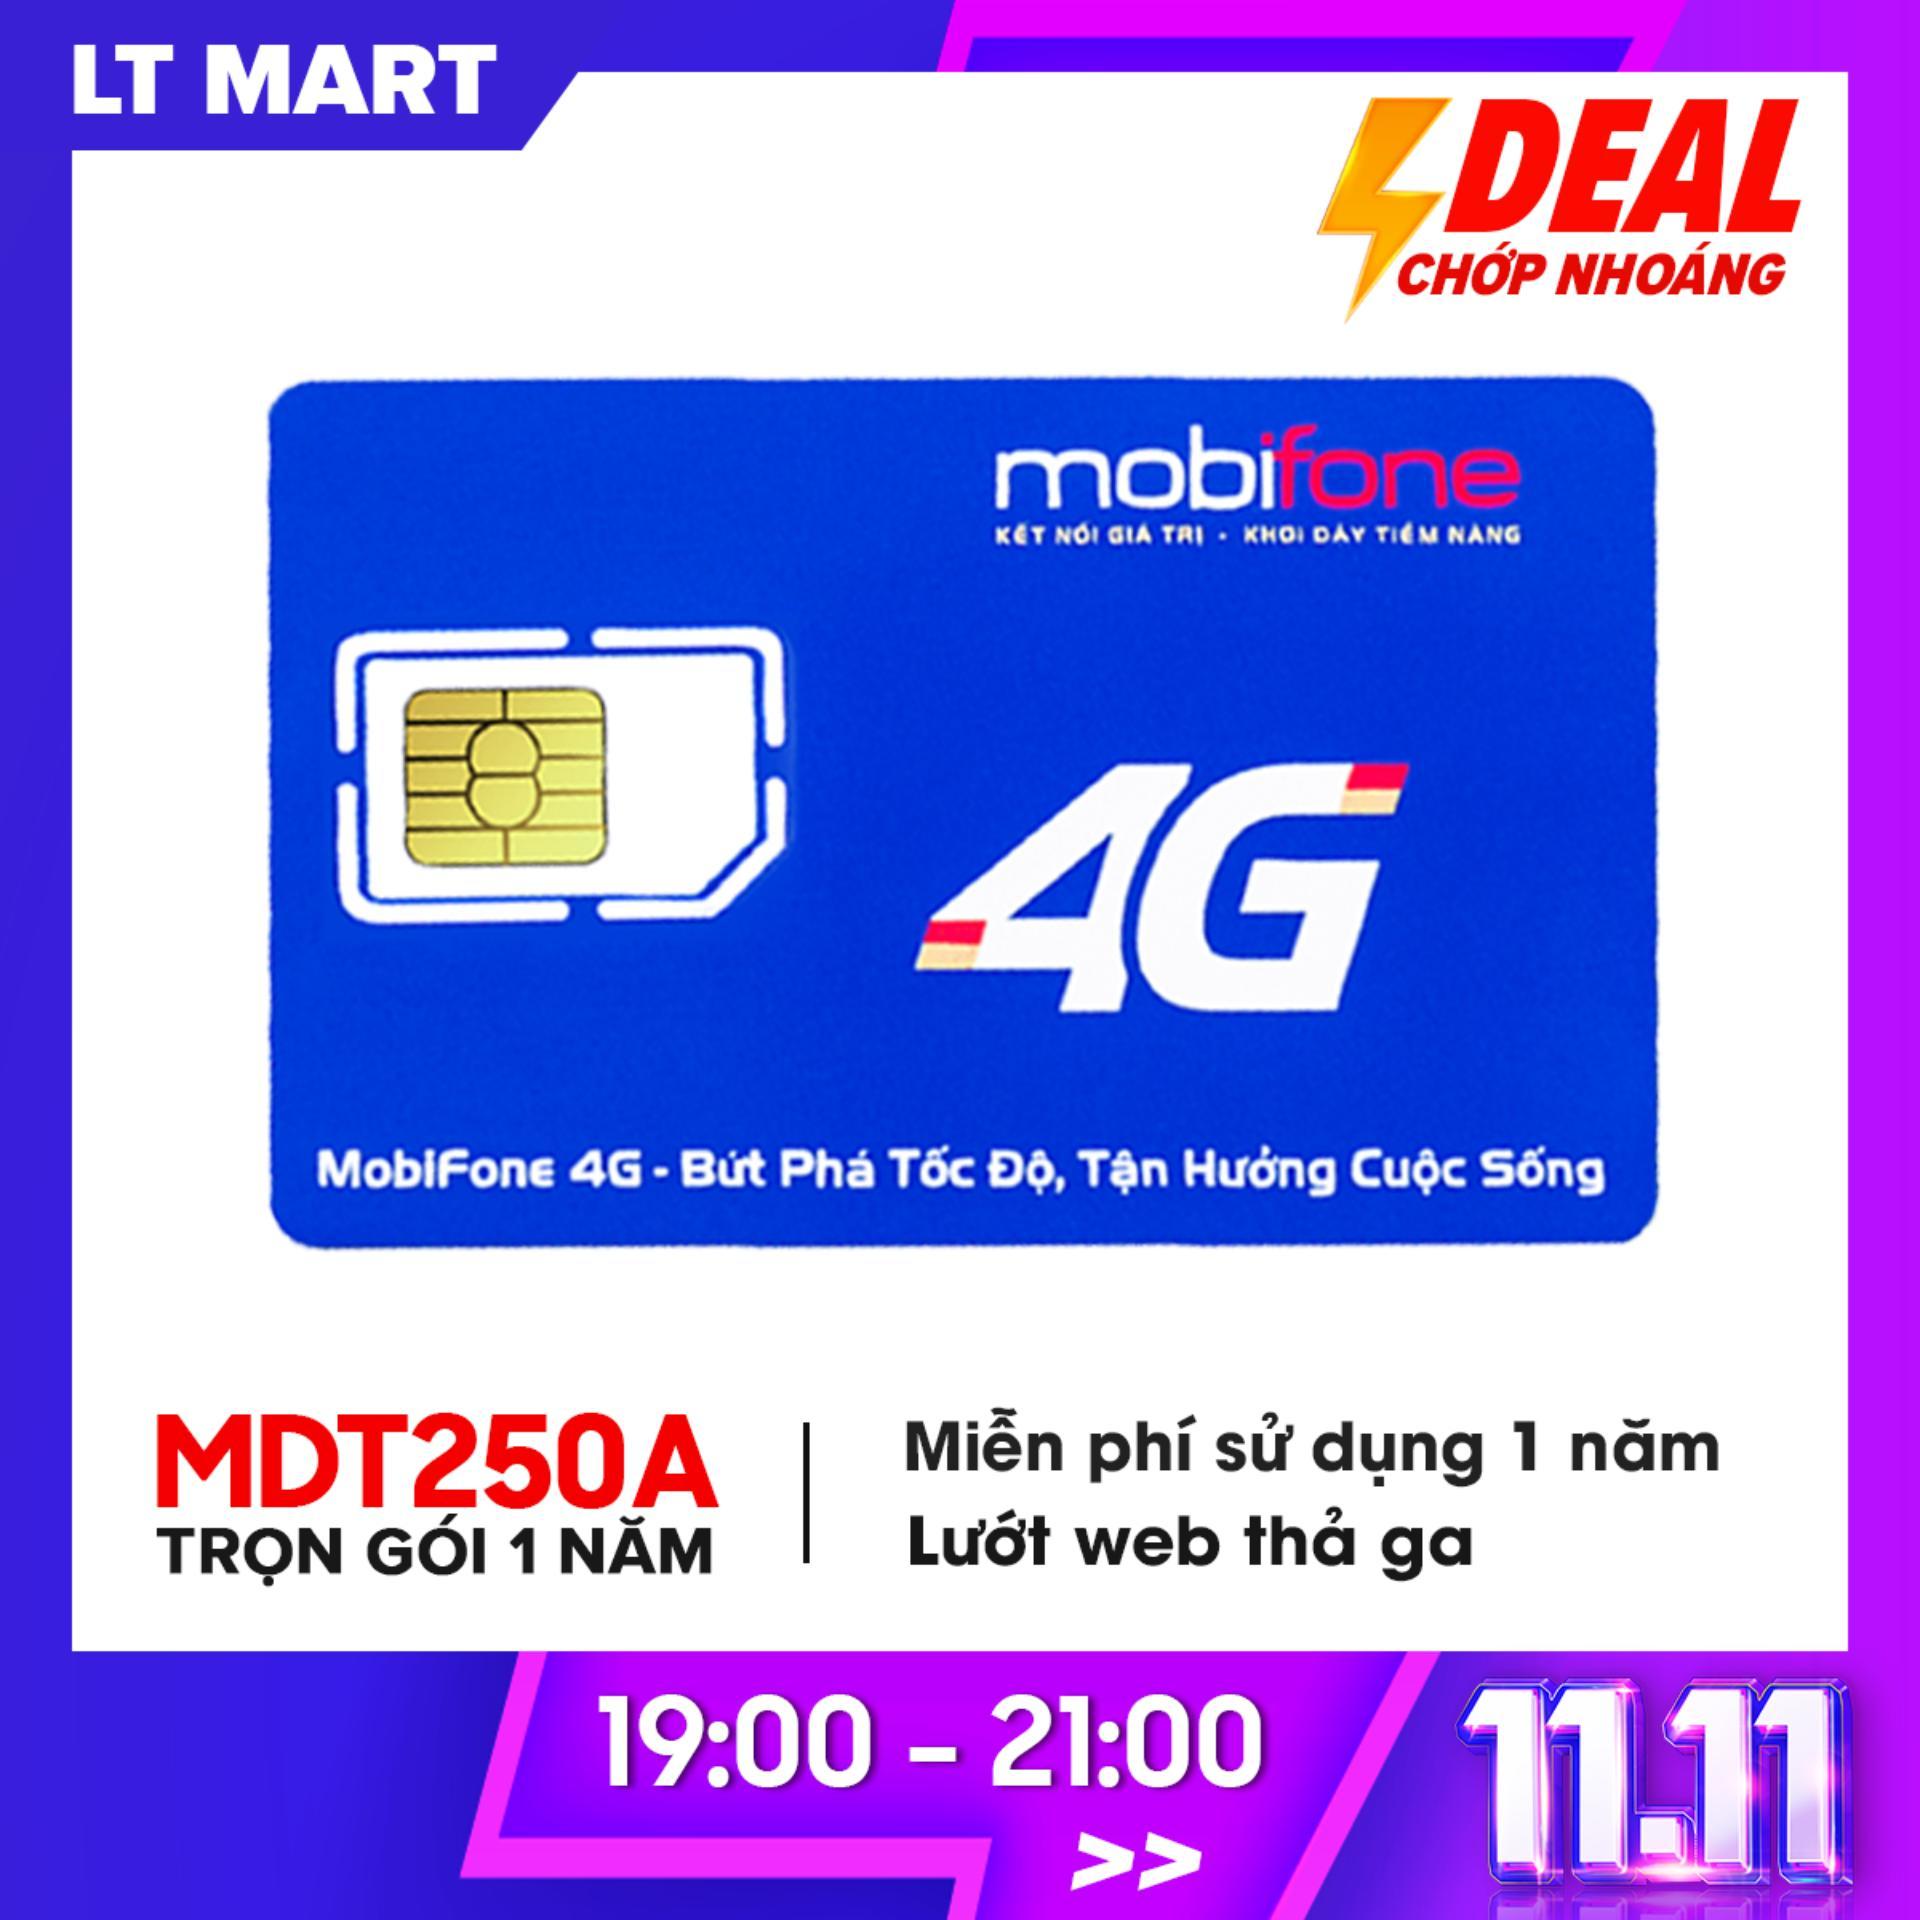 Sim 4G Mobifone MDT250A Trọn Gói 1 Năm Không Phải Nạp Tiền Lướt Web Tẹt Ga LTmart Đang Khuyến Mãi